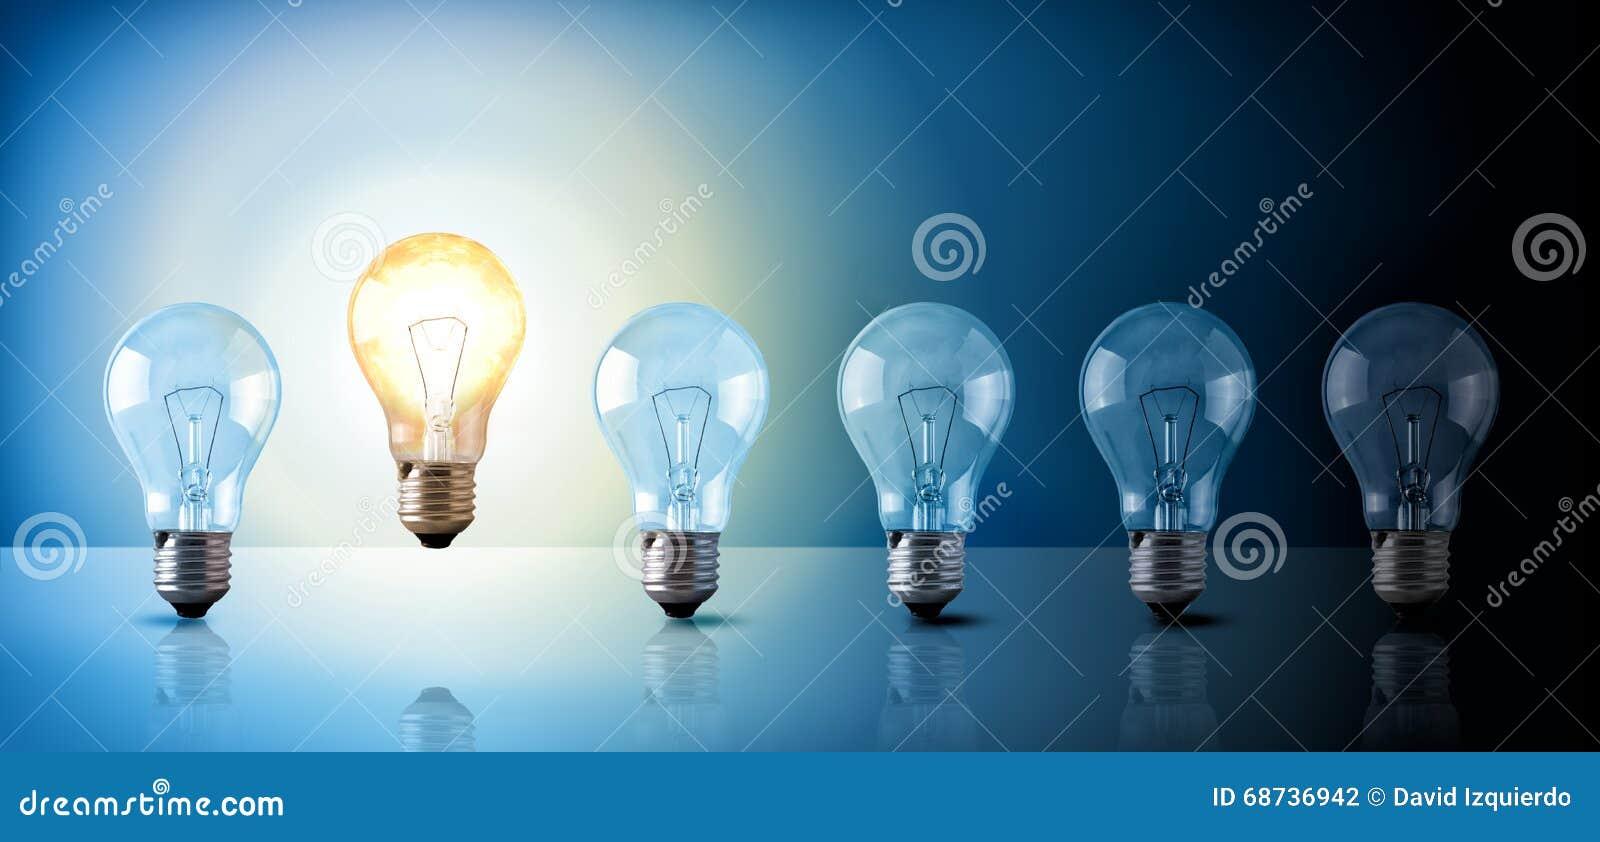 Concept D Idee Avec L Ordre D Ampoules Sur Le Fond Bleu Illustration Stock Illustration Du Ordre Fond 68736942